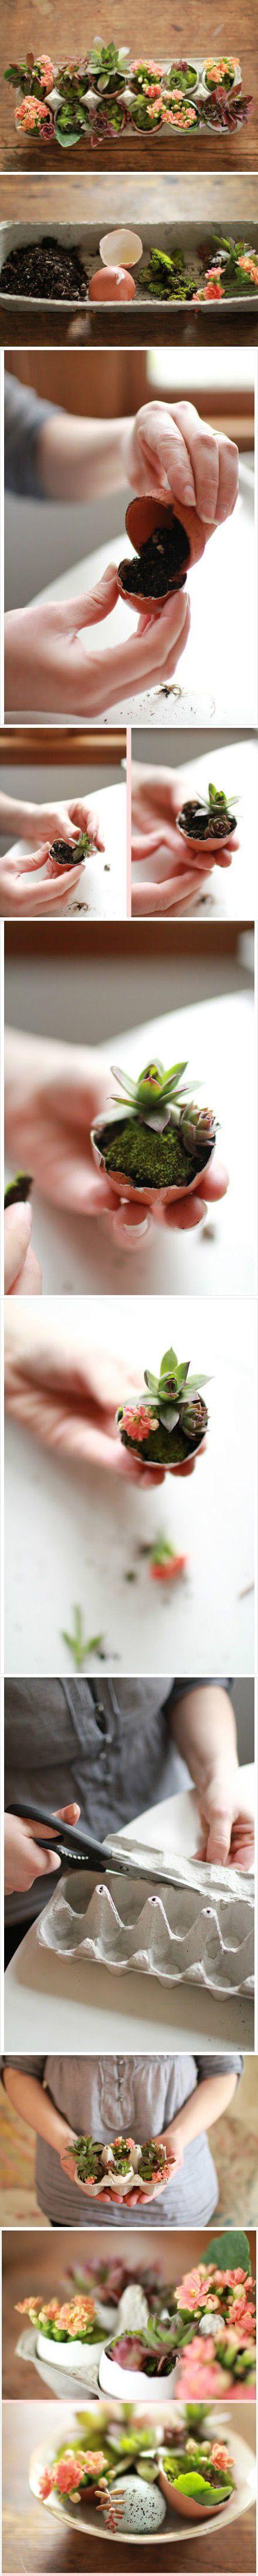 Mini Garden in Eggshells | iCreativeIdeas.com Follow Us on Facebook --> https://www.facebook.com/icreativeideas